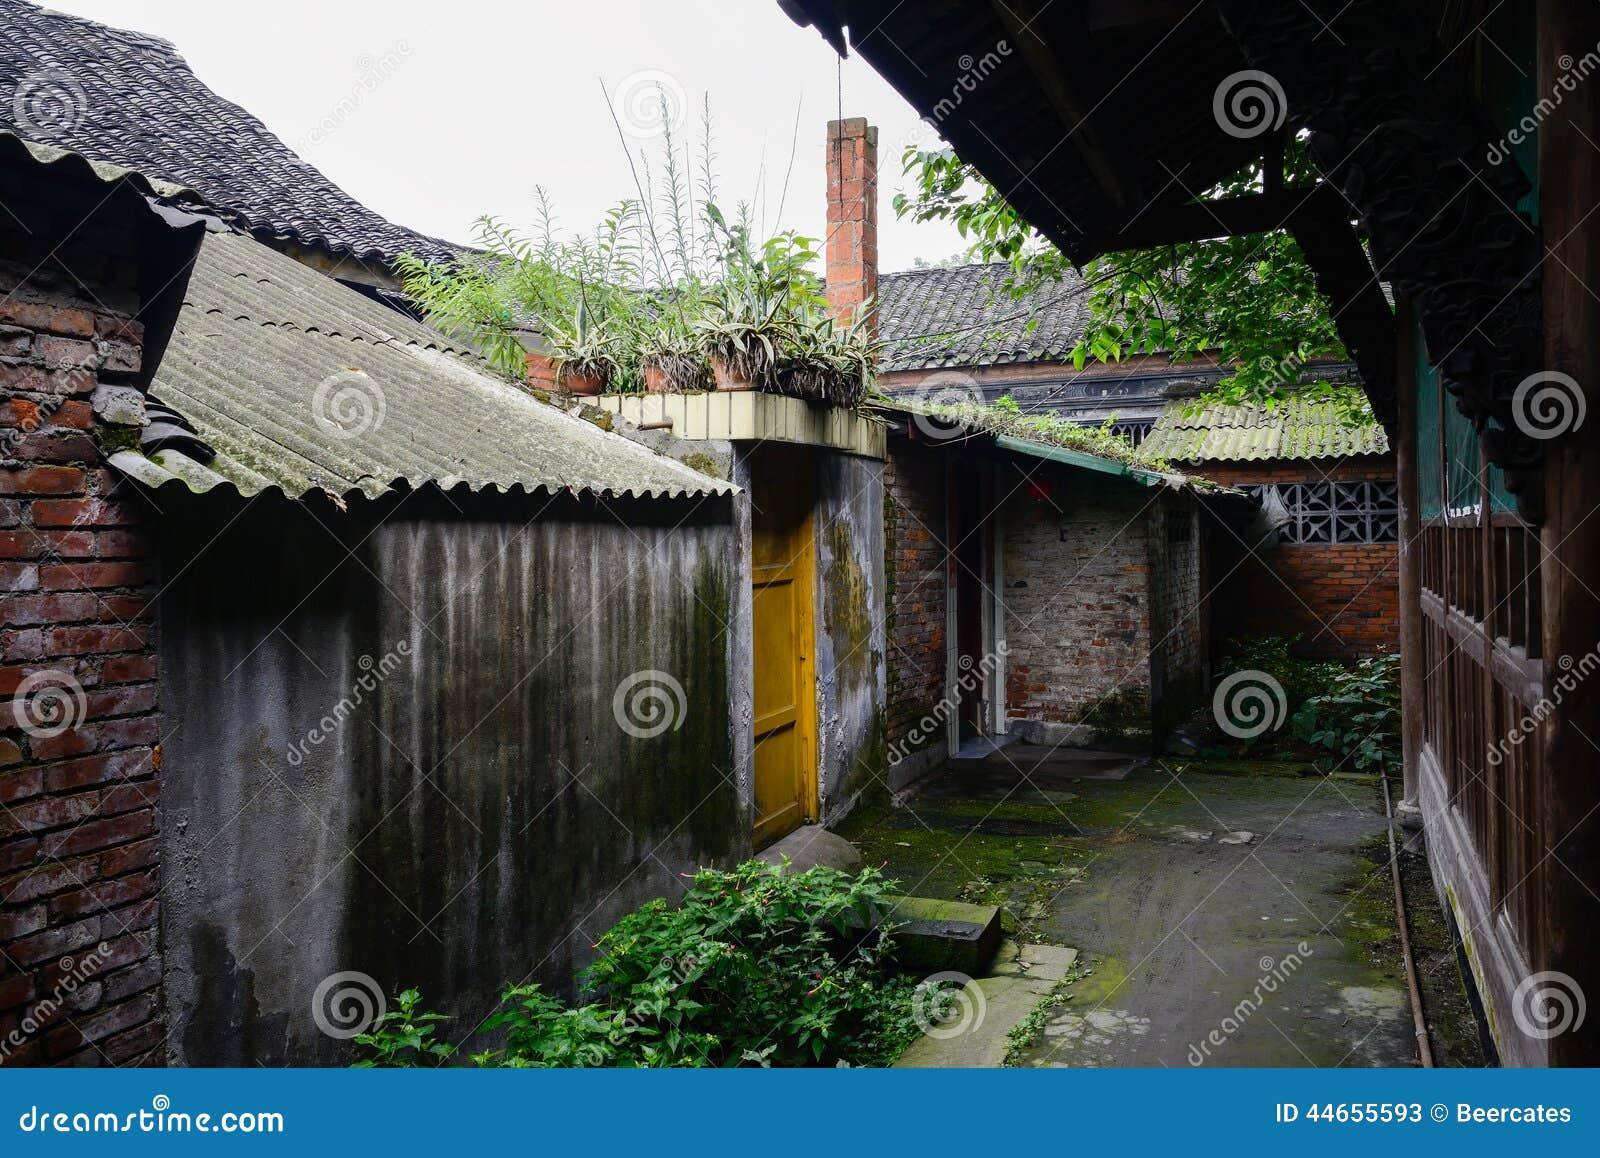 Case cinesi antiche dilapidate in di vicolo coperto di for Interni di case antiche